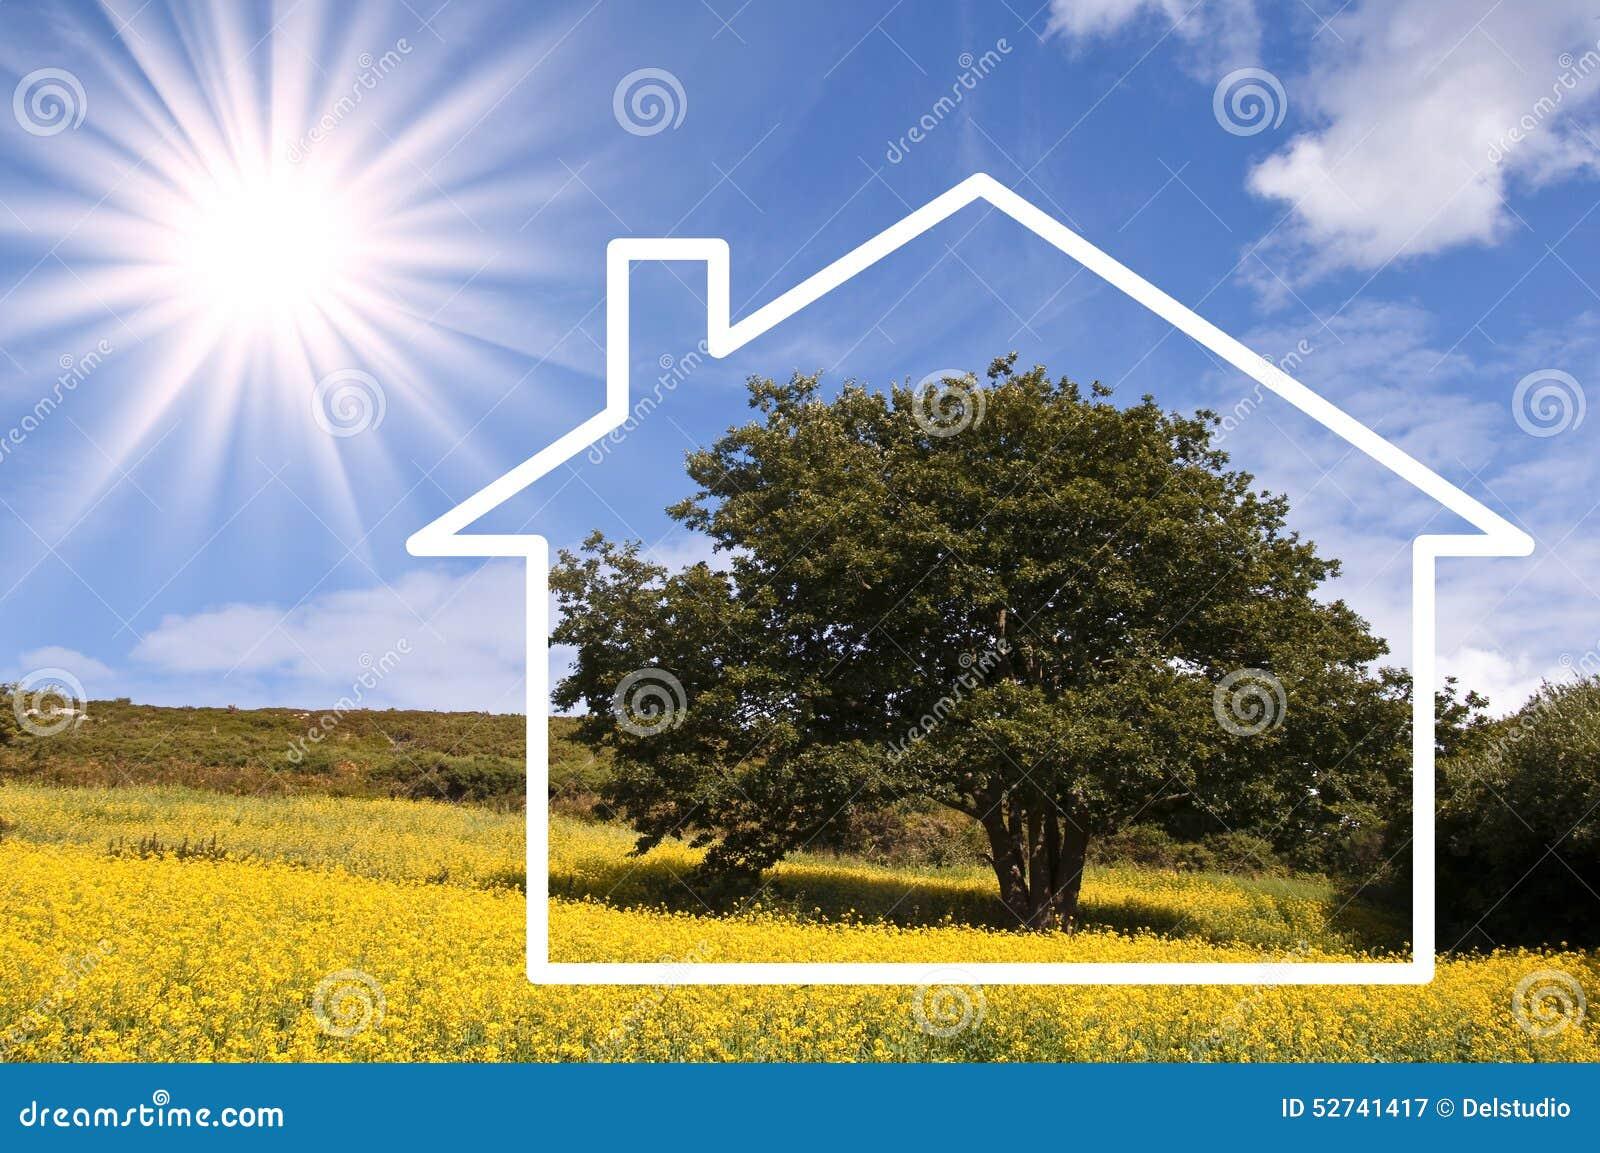 Silhouettez le cadre d 39 une maison paysage de campagne for Enlever l humidite d une maison